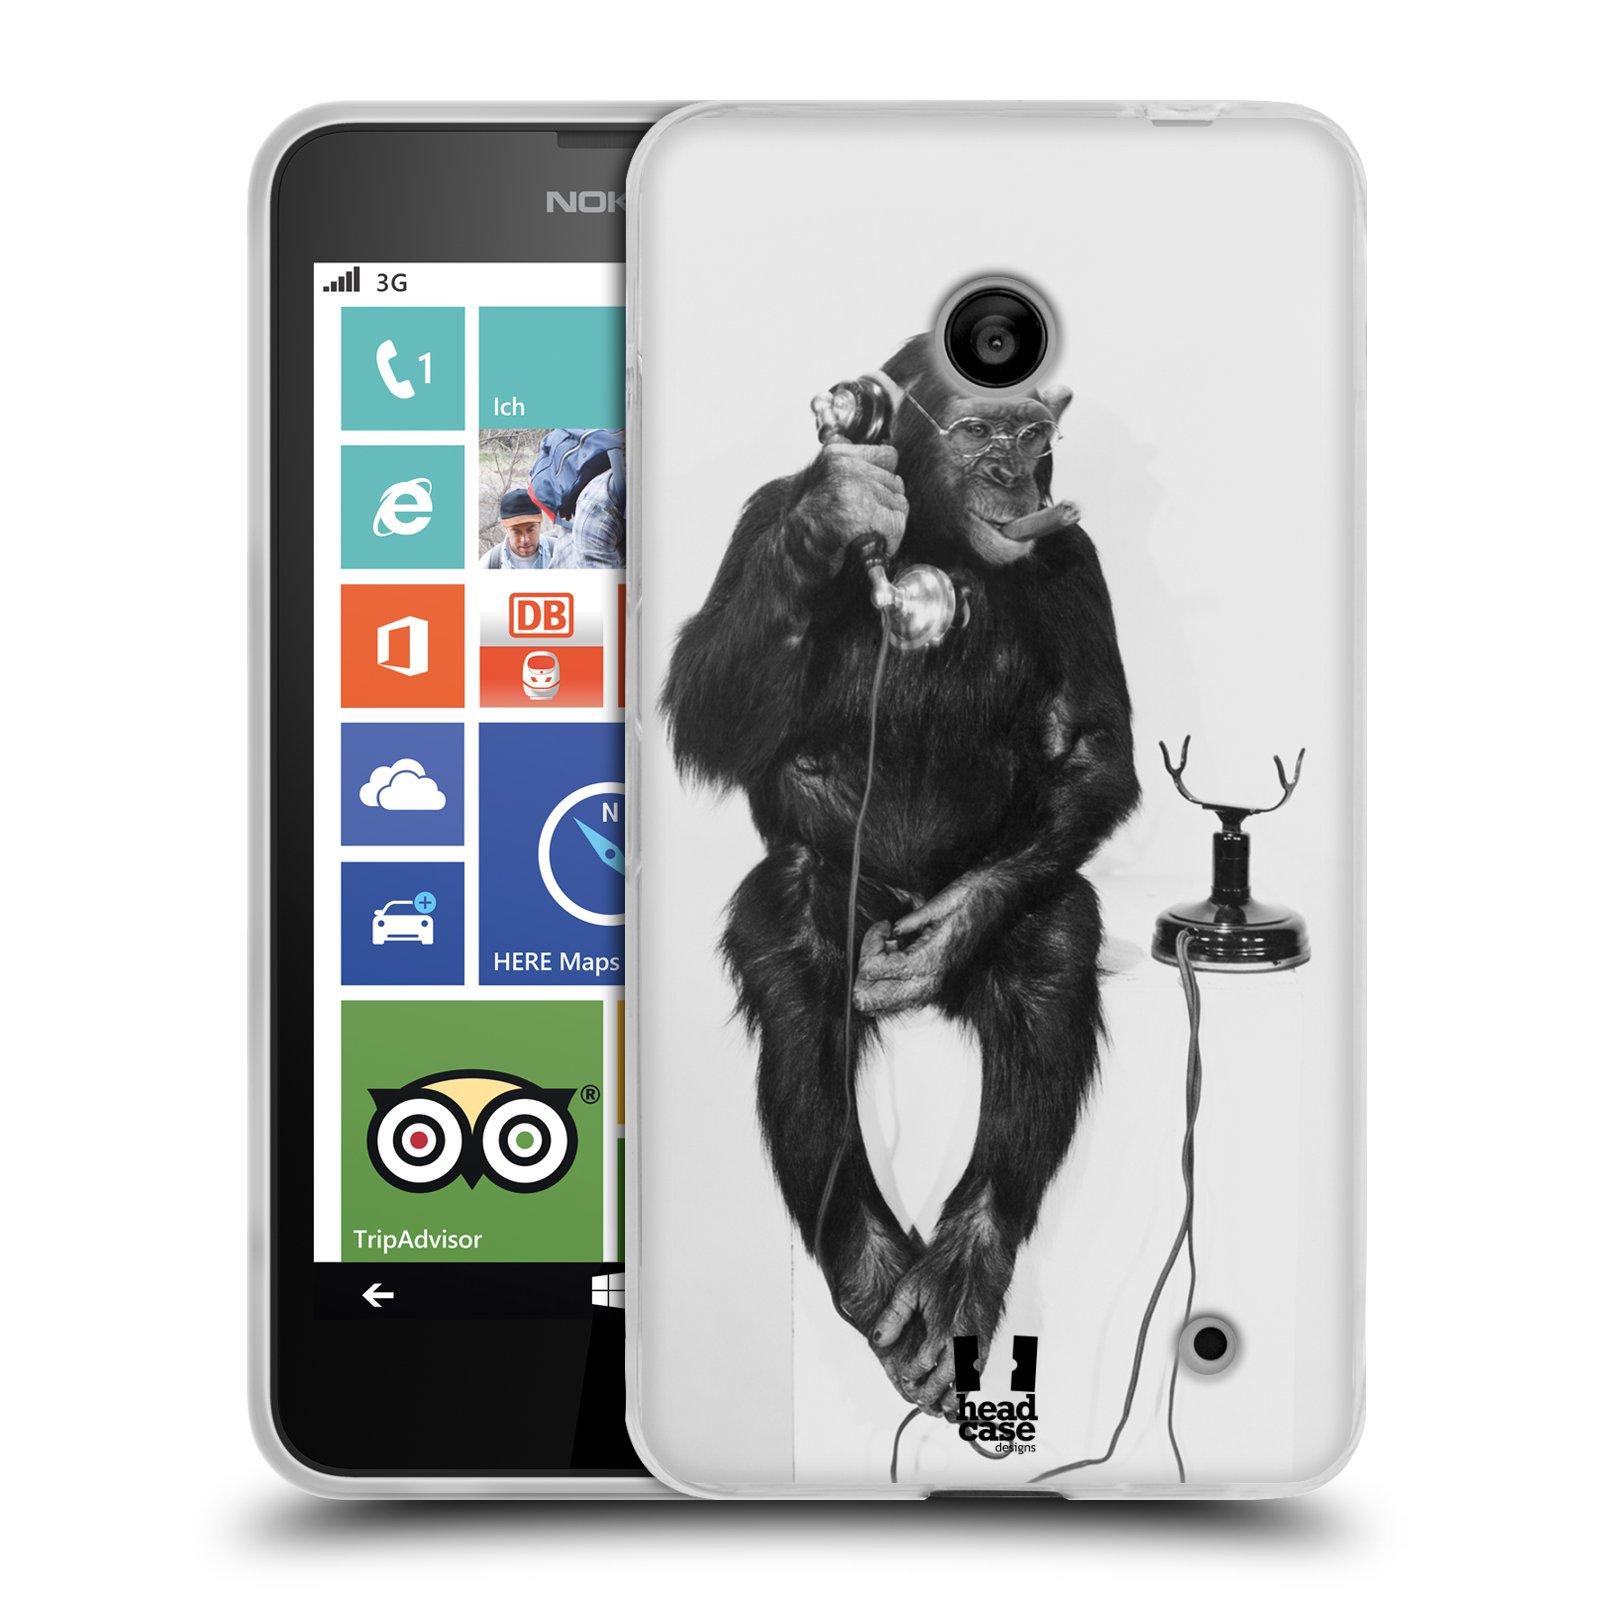 Silikonové pouzdro na mobil Nokia Lumia 630 HEAD CASE OPIČÁK S TELEFONEM (Silikonový kryt či obal na mobilní telefon Nokia Lumia 630 a Nokia Lumia 630 Dual SIM)